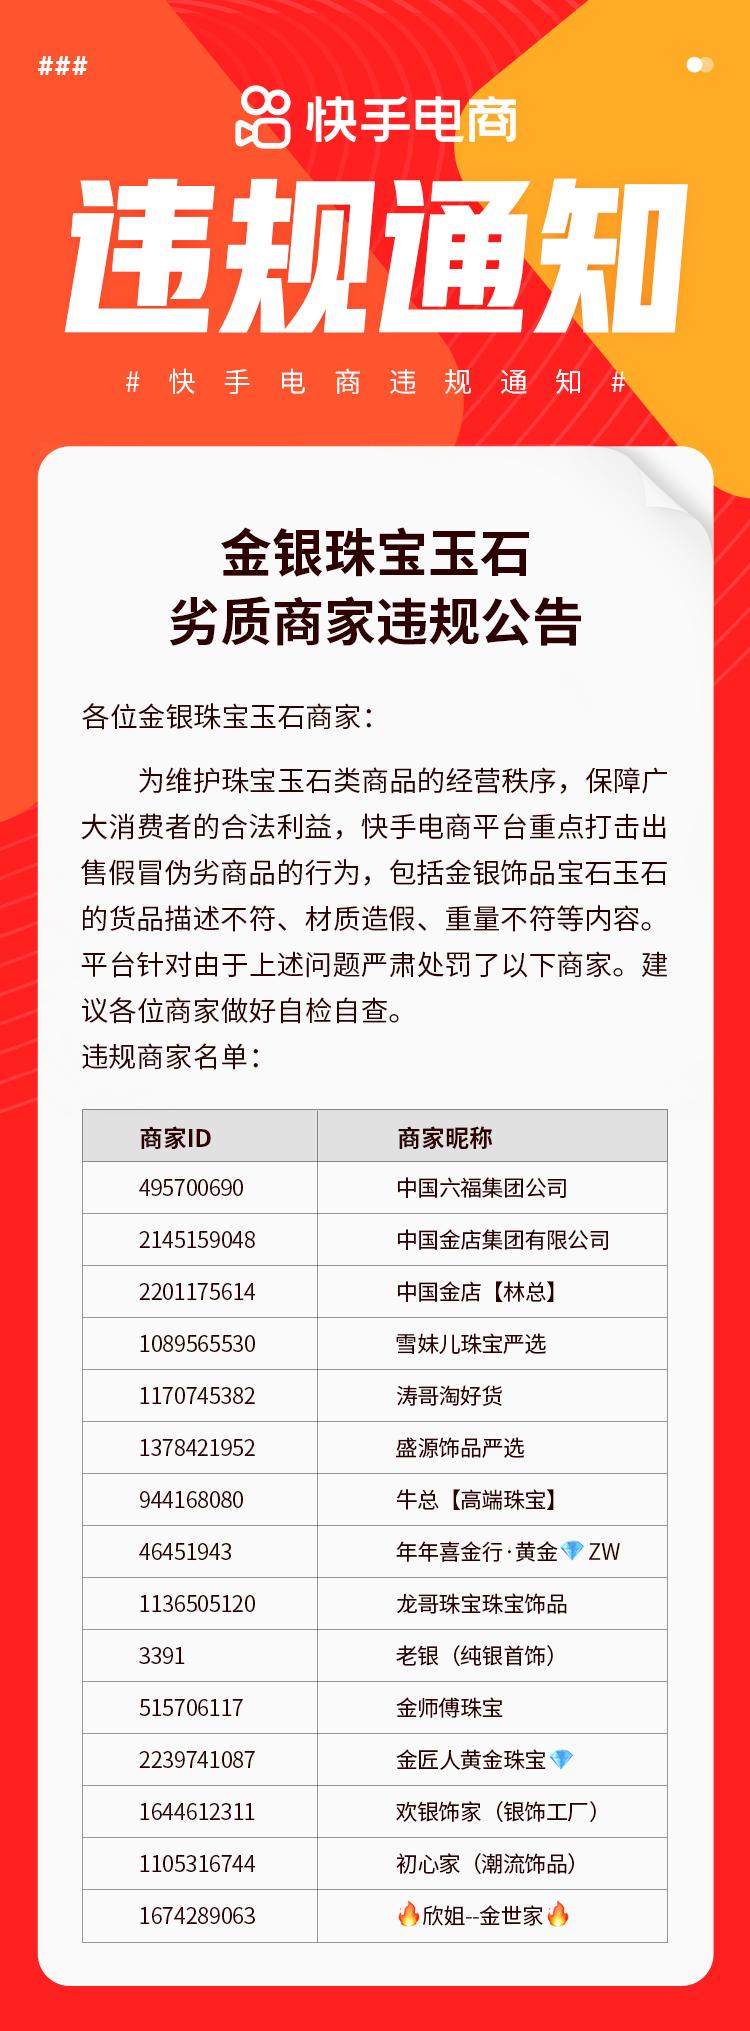 快手电商封禁800万粉丝主播打造极致信任